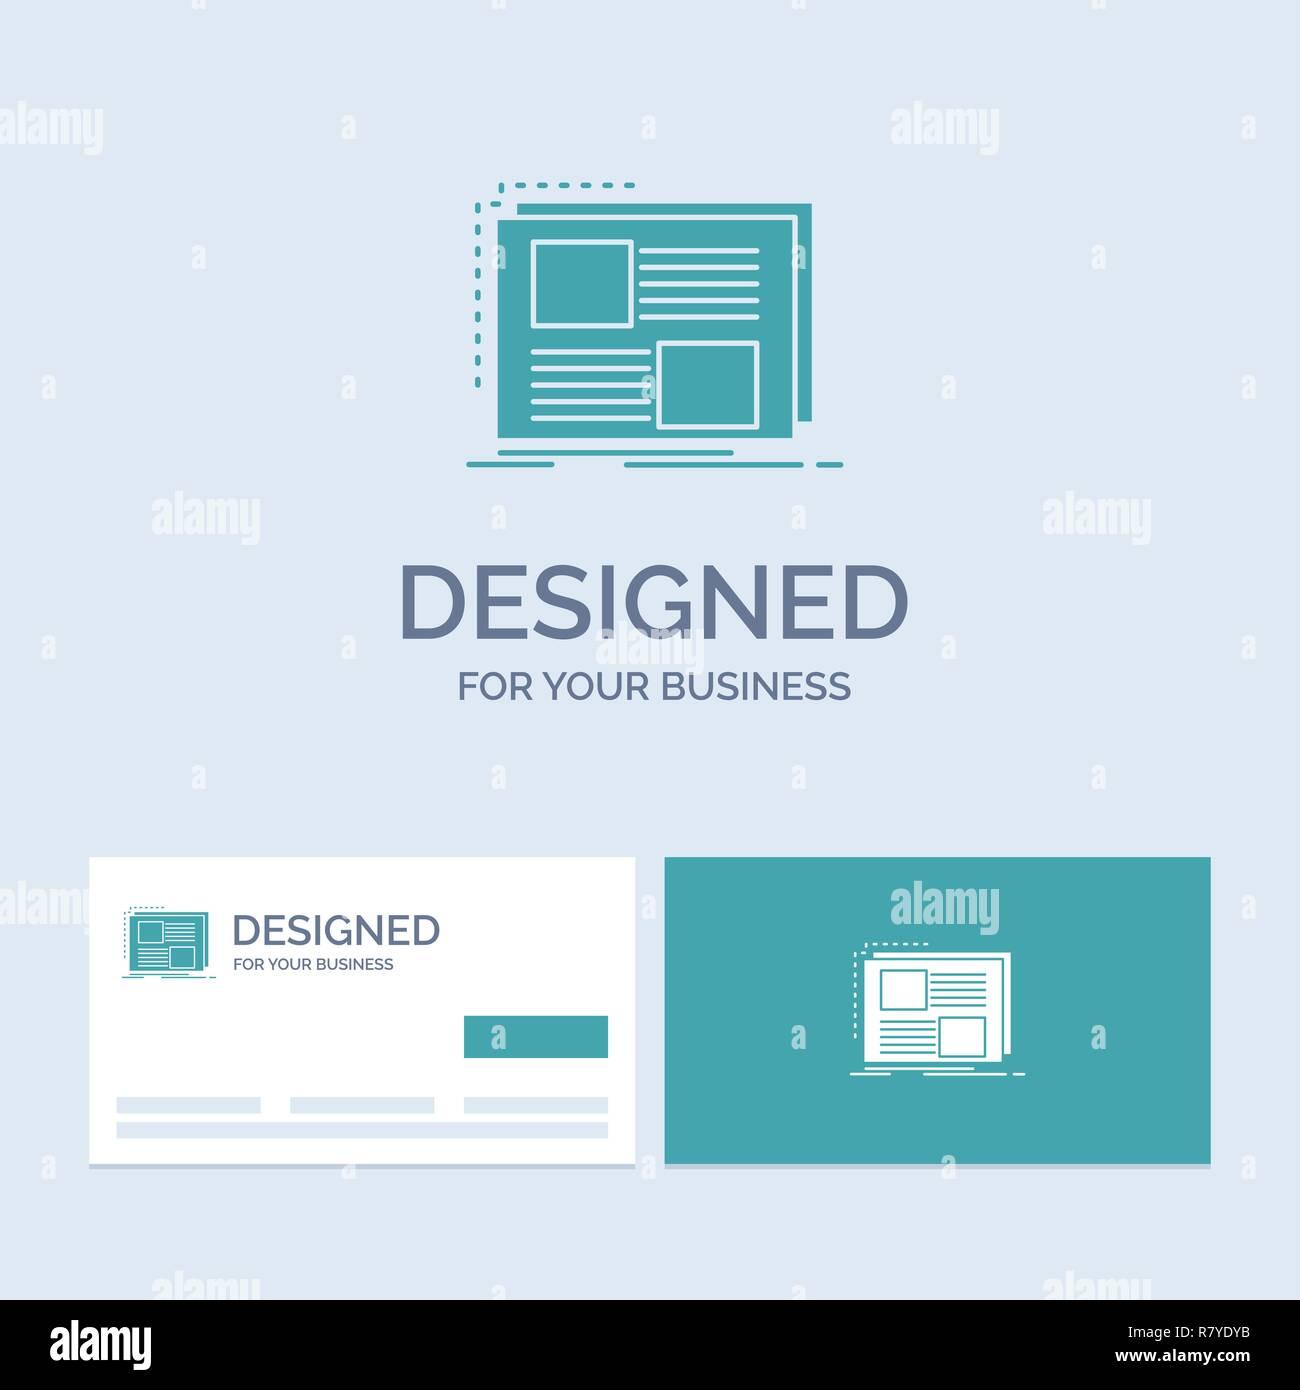 Inhalt Design Rahmen Seite Text Business Logo Glyphe